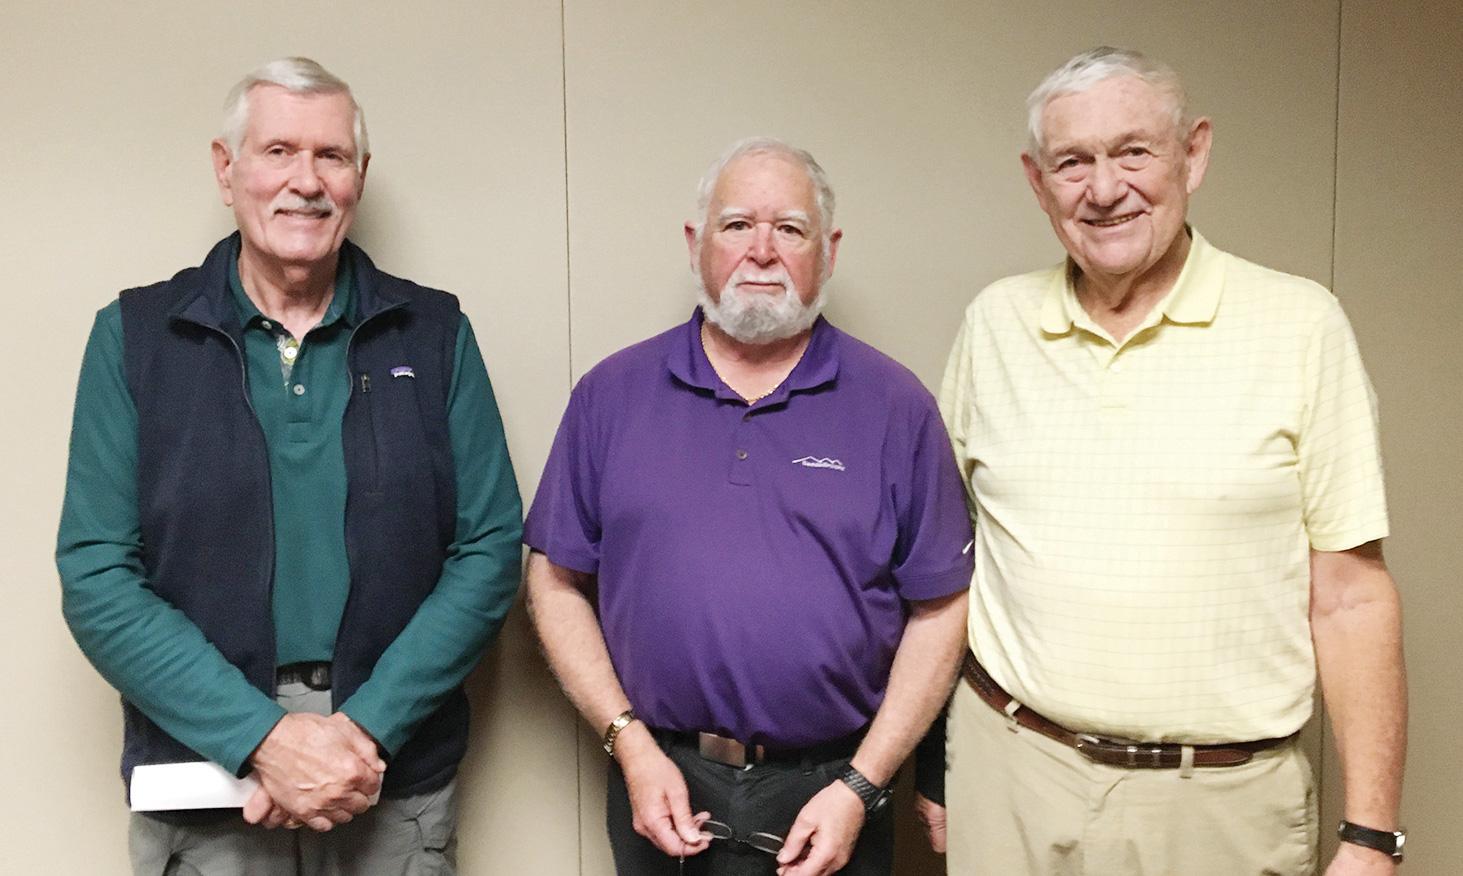 SB Men's Niner Officers (left to right) Gary Brunelle, Jay Love, and Gary Beeler